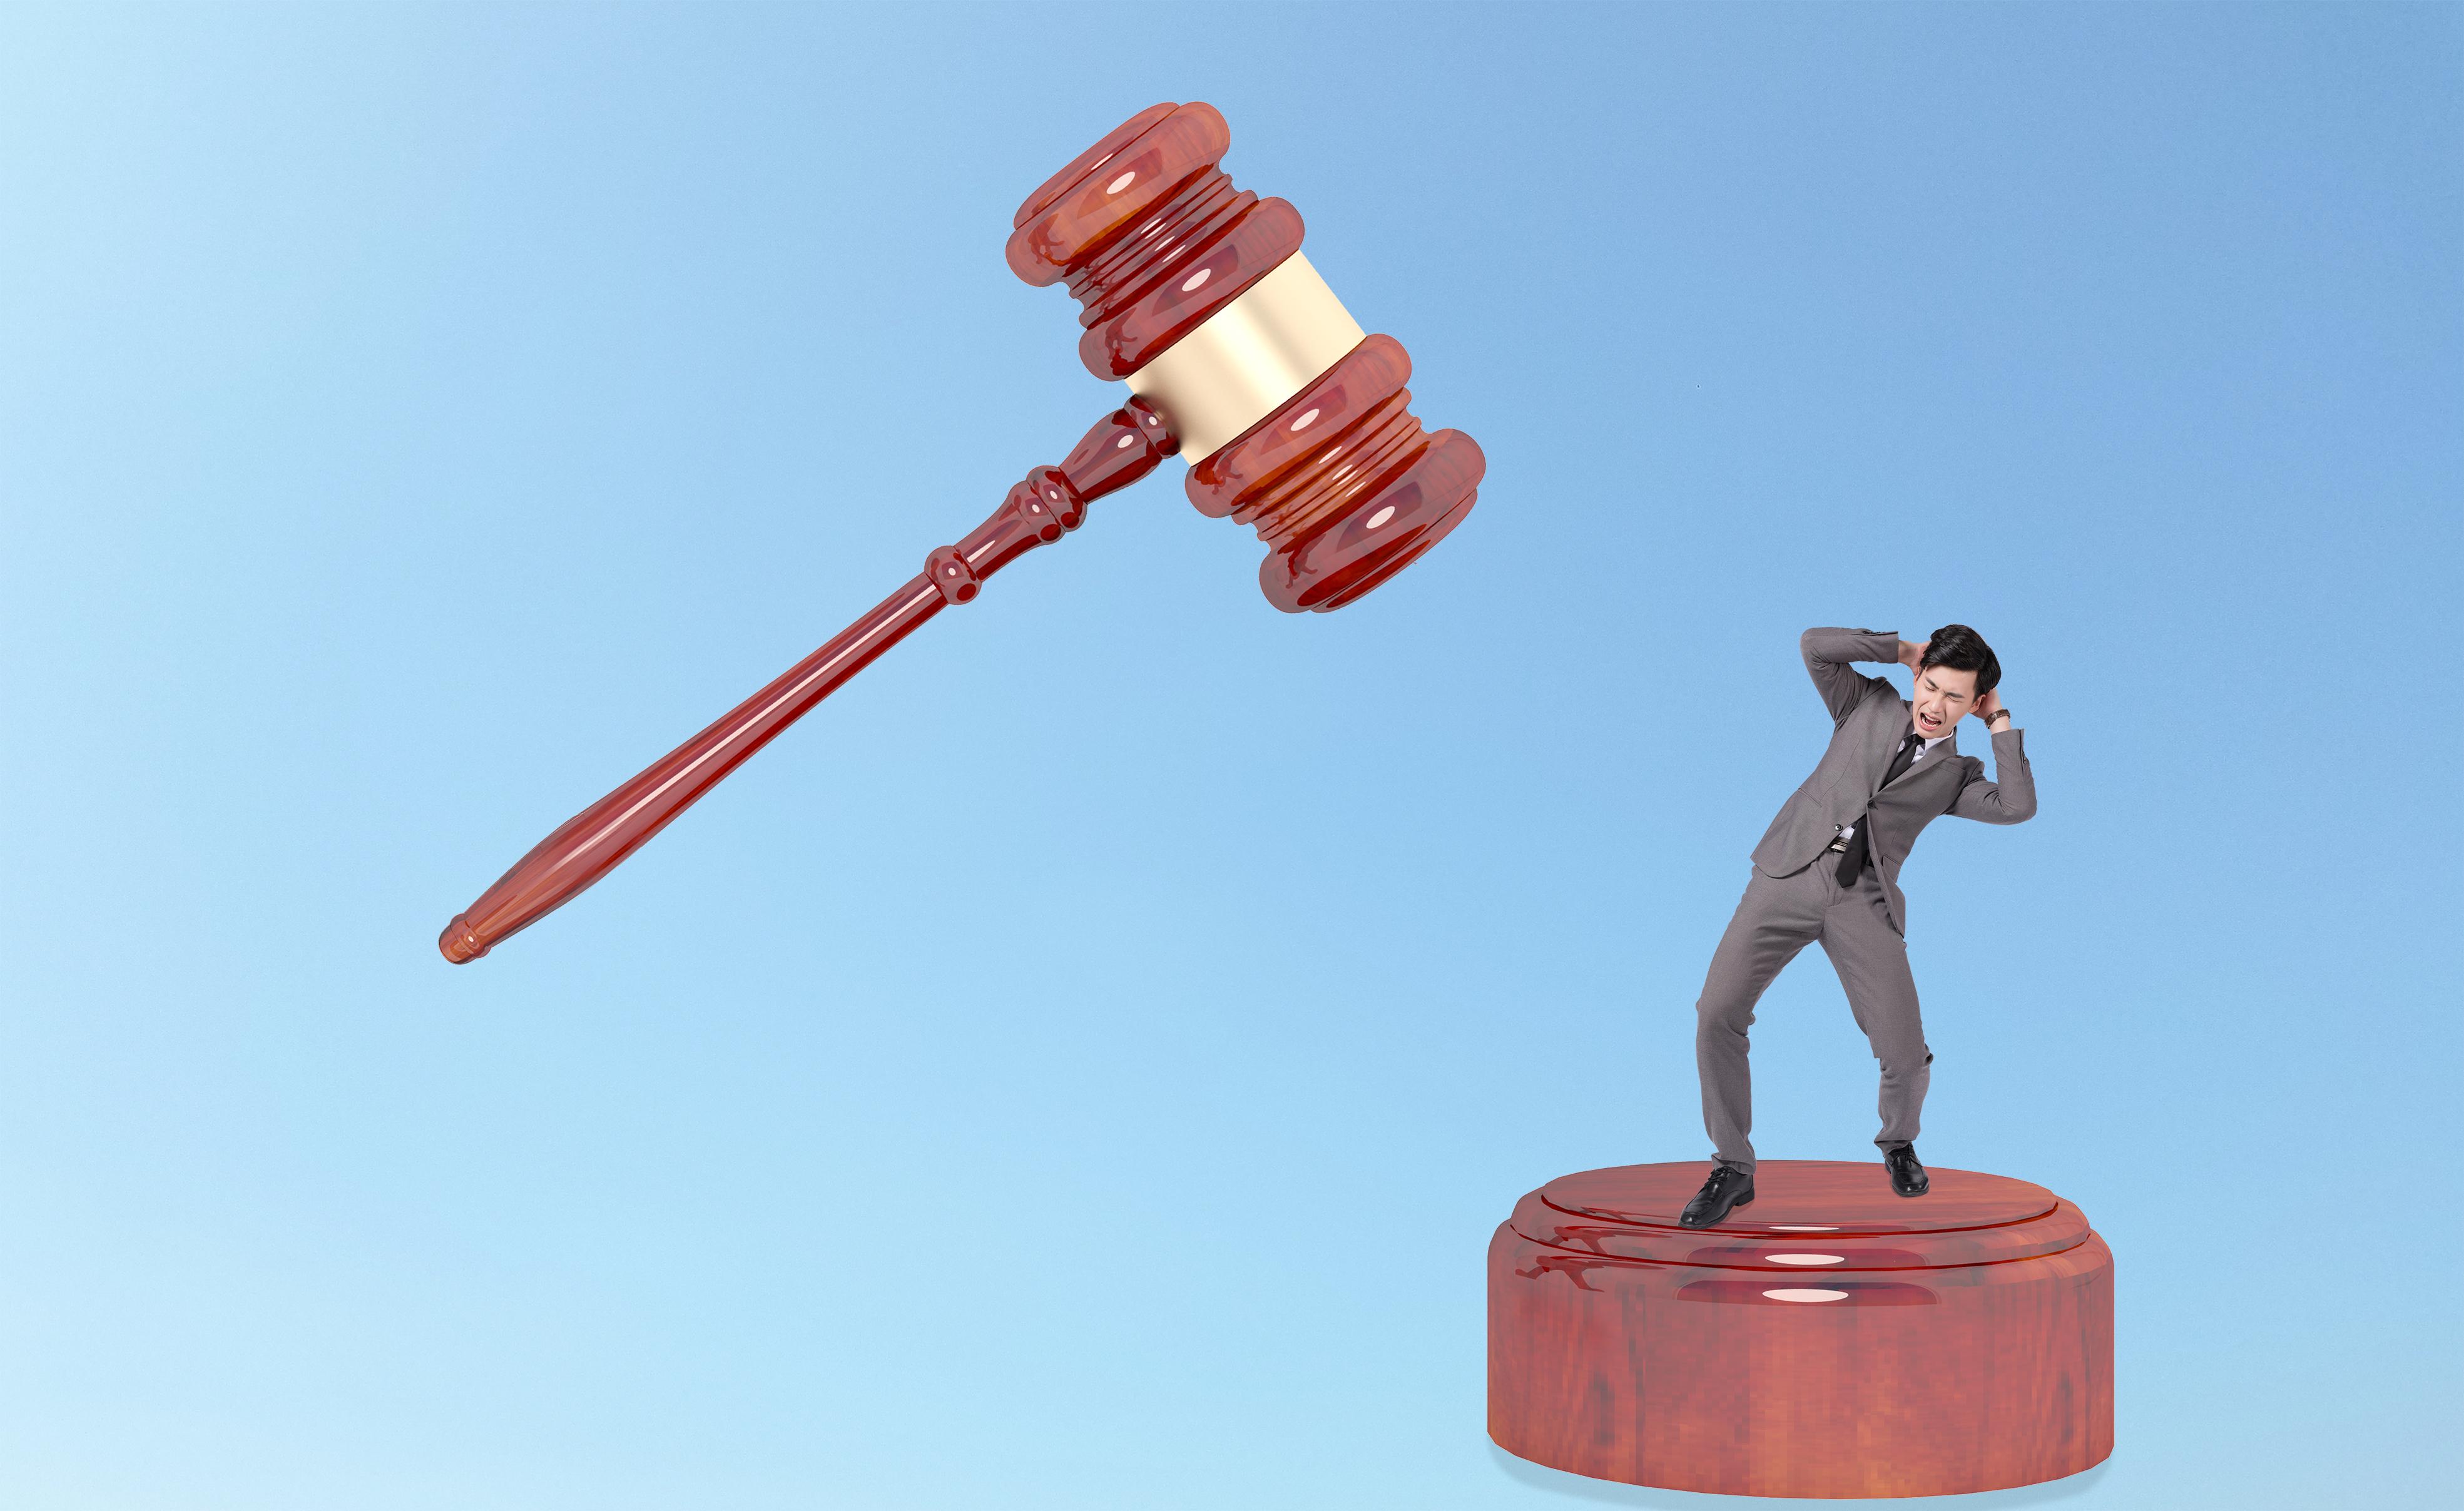 商标侵权行政处罚有哪些,商标侵权处罚决定书范本